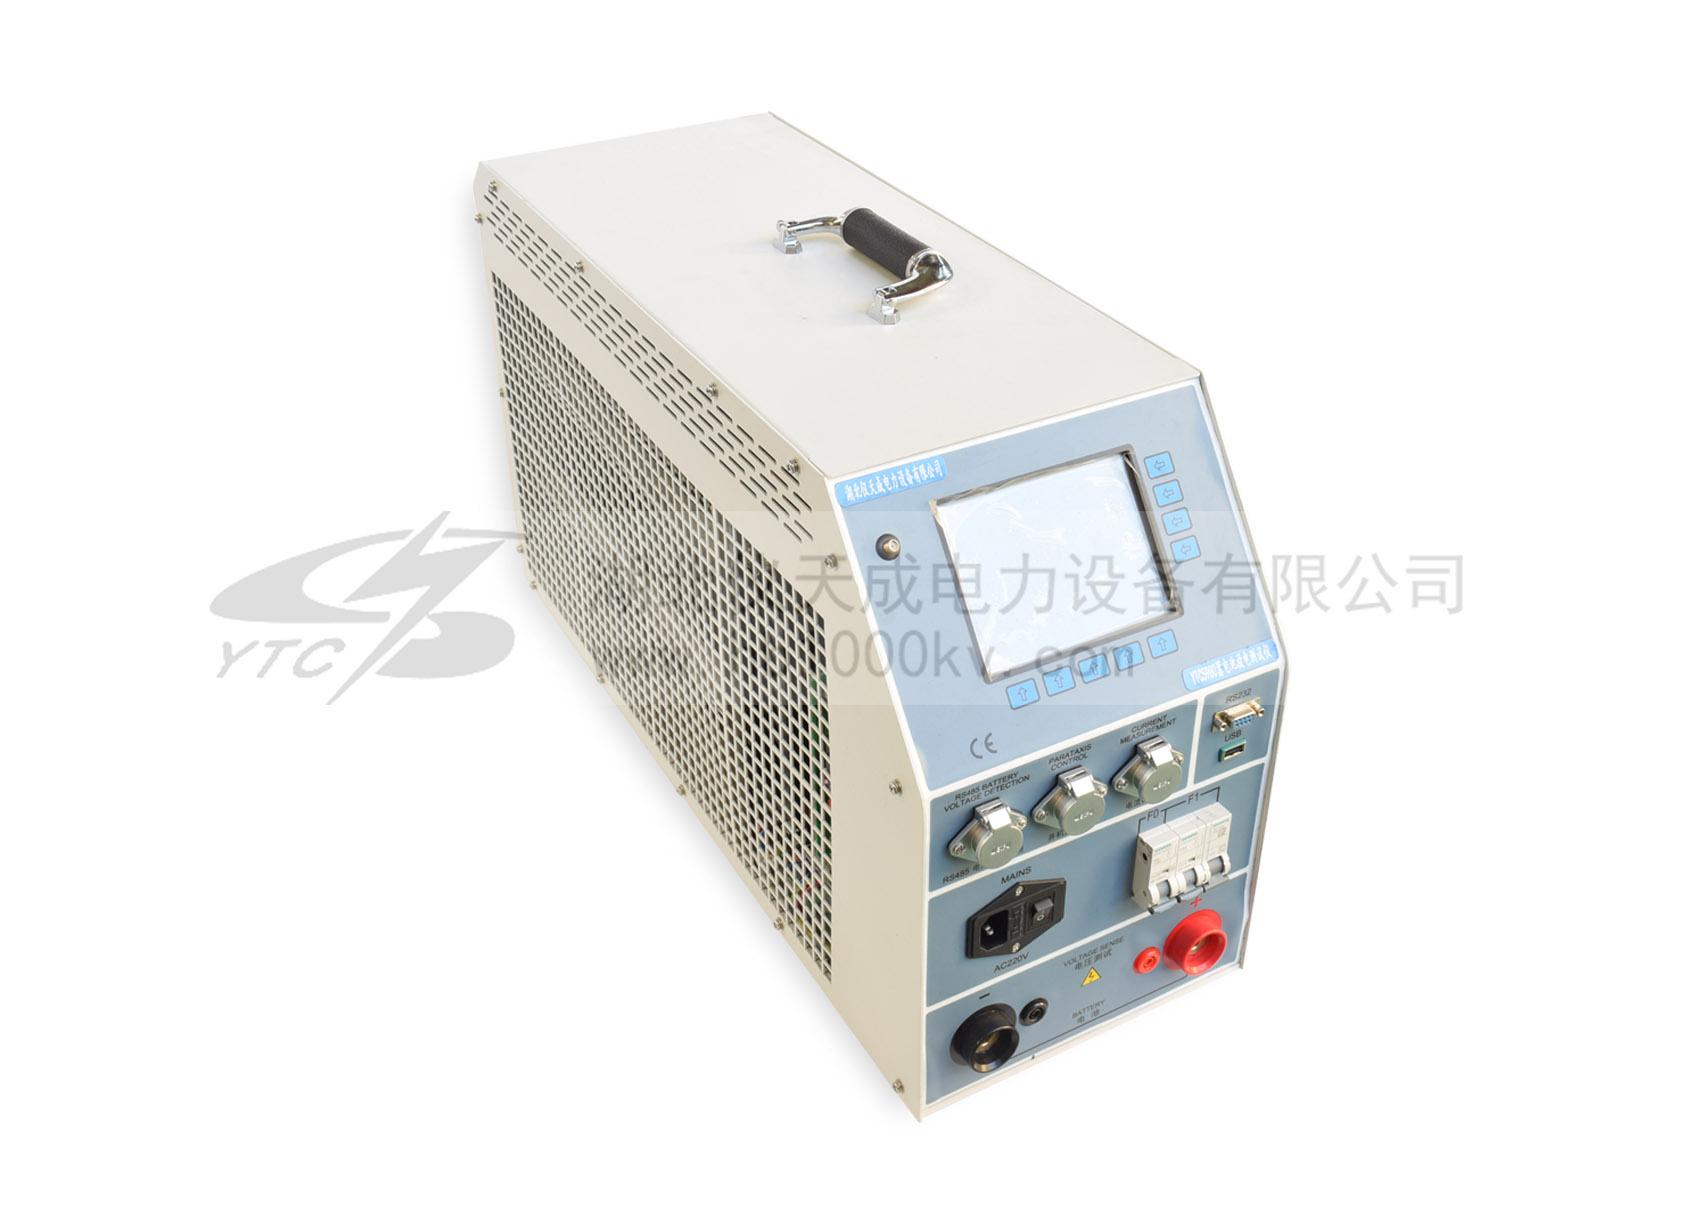 YTC5980智能蓄电池放电监测测试仪主机